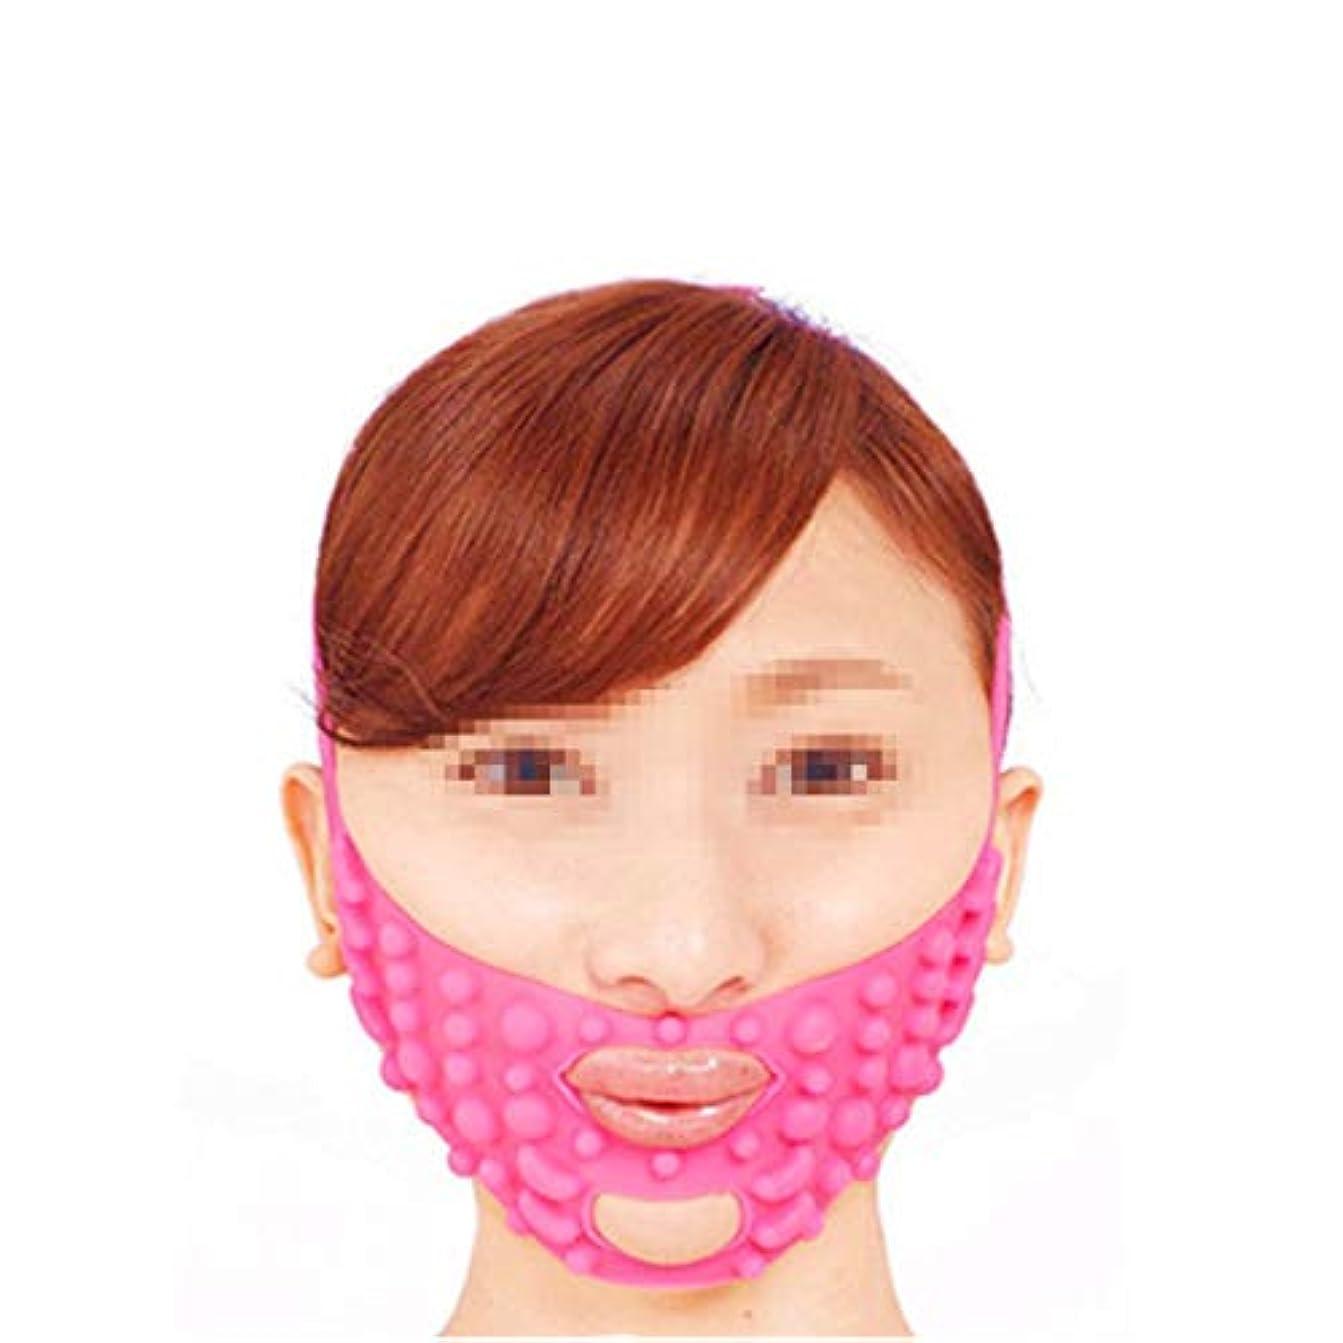 取得するなに表示シリコンマッサージフェイスマスク、密かに形作る小さなVフェイスリフトをパターンアップフェイスリフトバンデージピンク